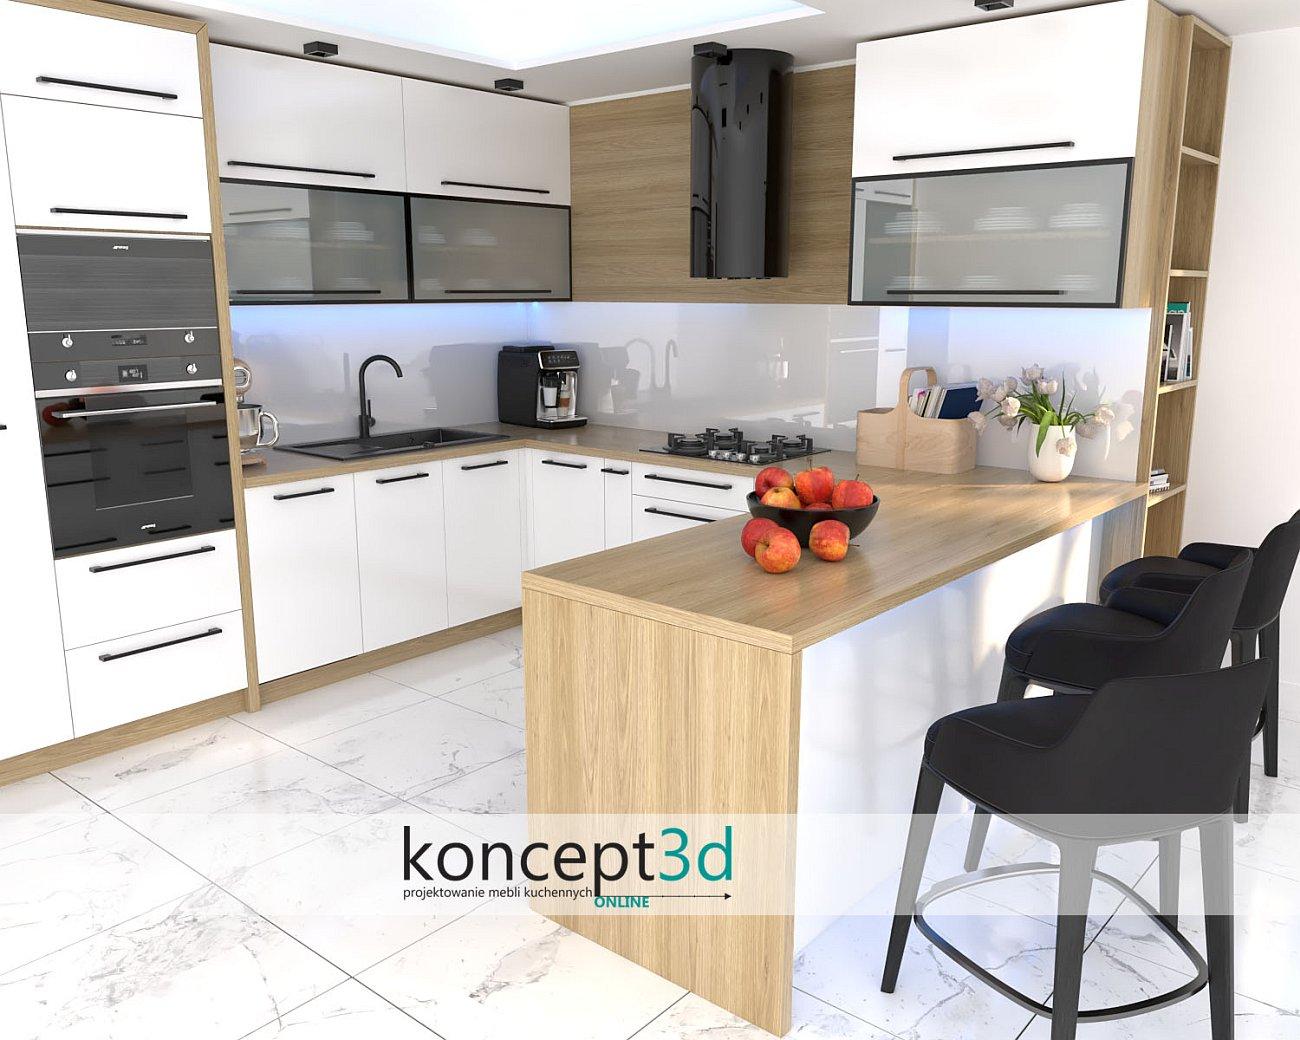 Dąb na zawsze D1036 w białej kuchni   inspirujące aranżacje koncept3d   wizualizacje mebli online   białe płytki w kuchni z półwyspem